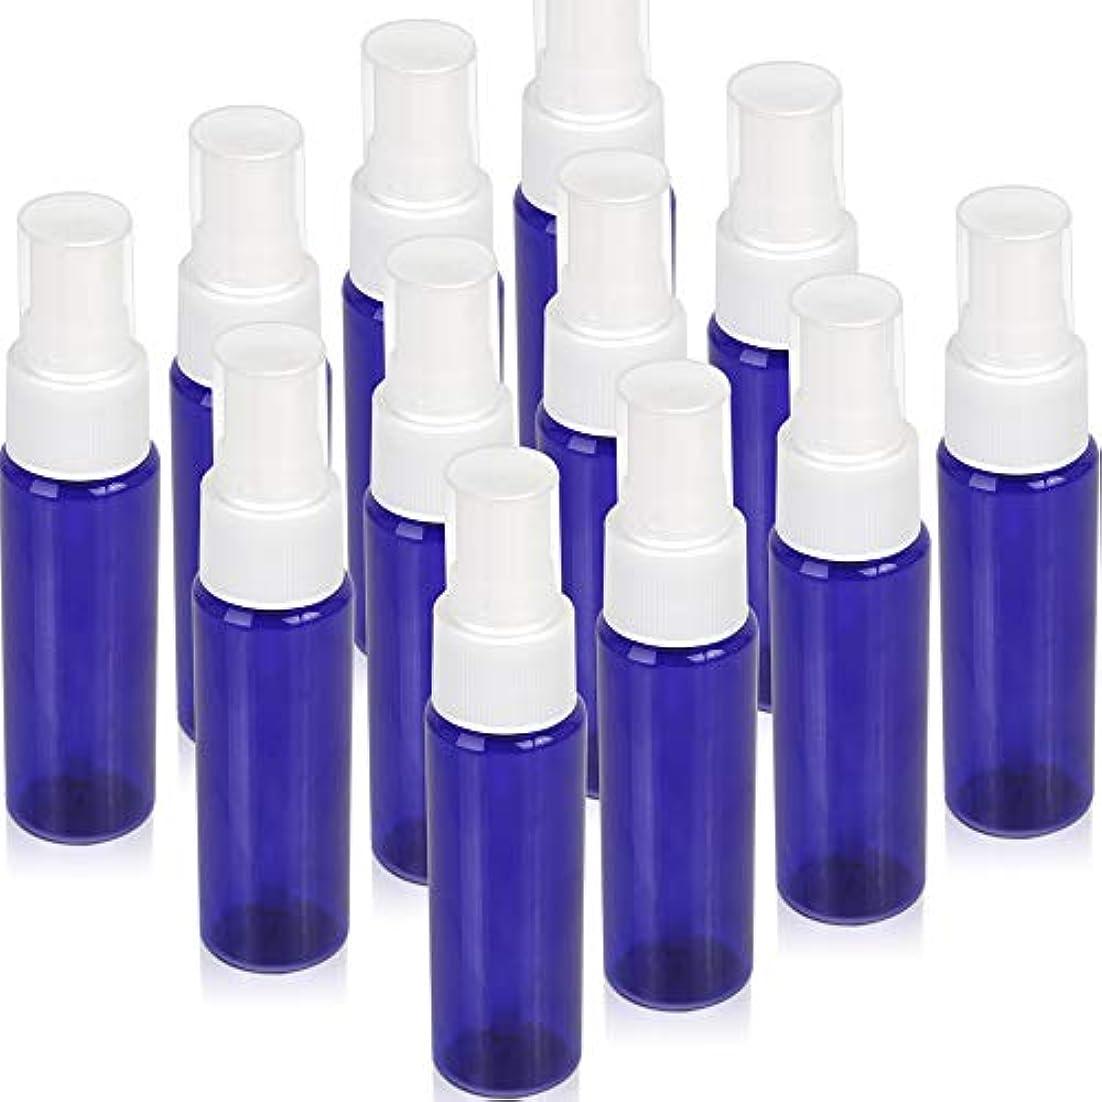 中性品種部門Teenitor スプレーボトル 30ml 12本 霧吹き アトマイザー スプレー容器 アロマスプレー 香水スプレー 詰め替え容器 キャップ付 青色 PET製